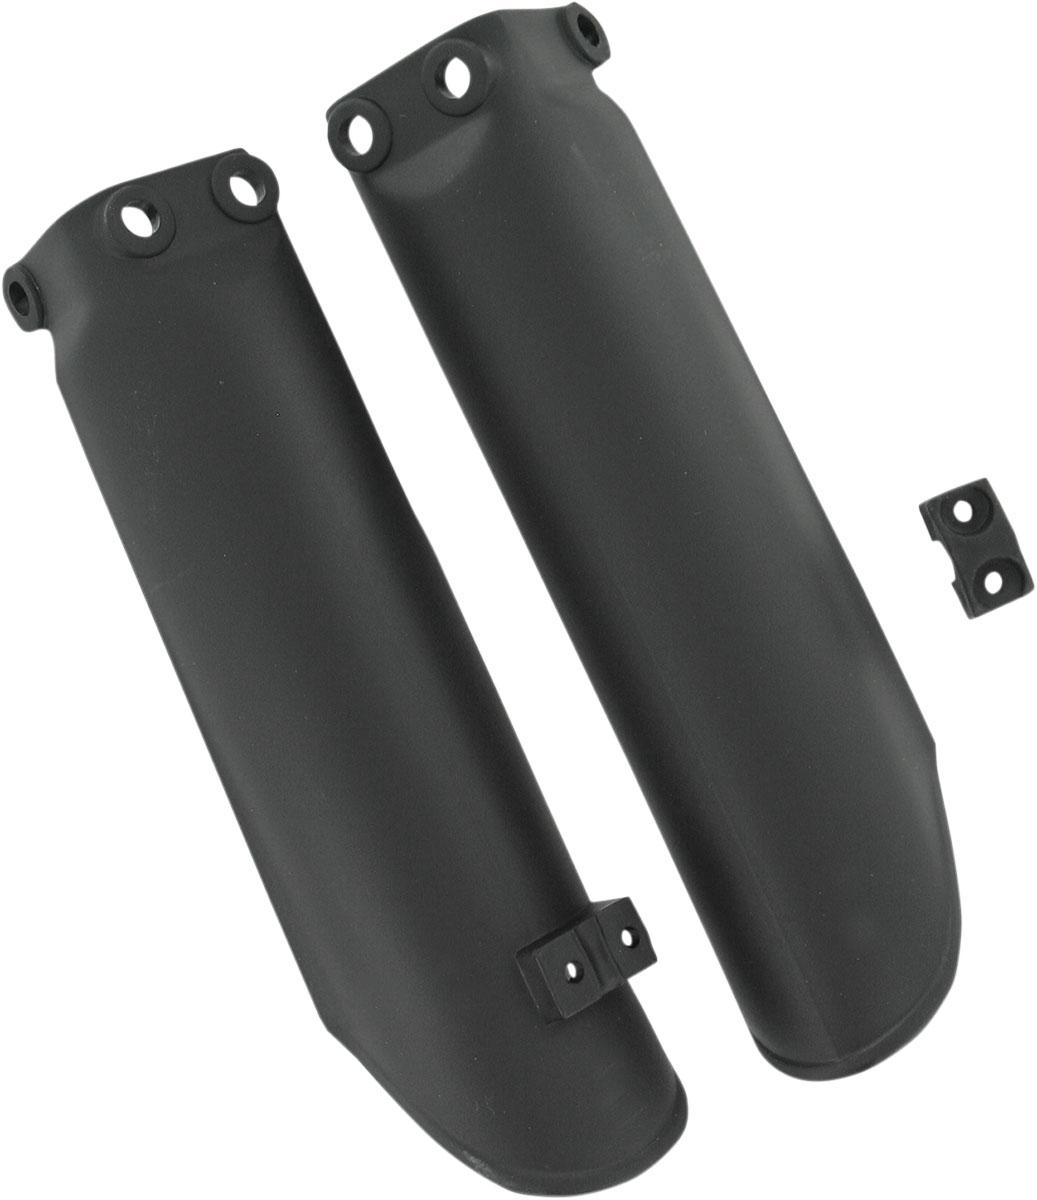 ACERBIS Lower Fork Cover Set (Black)